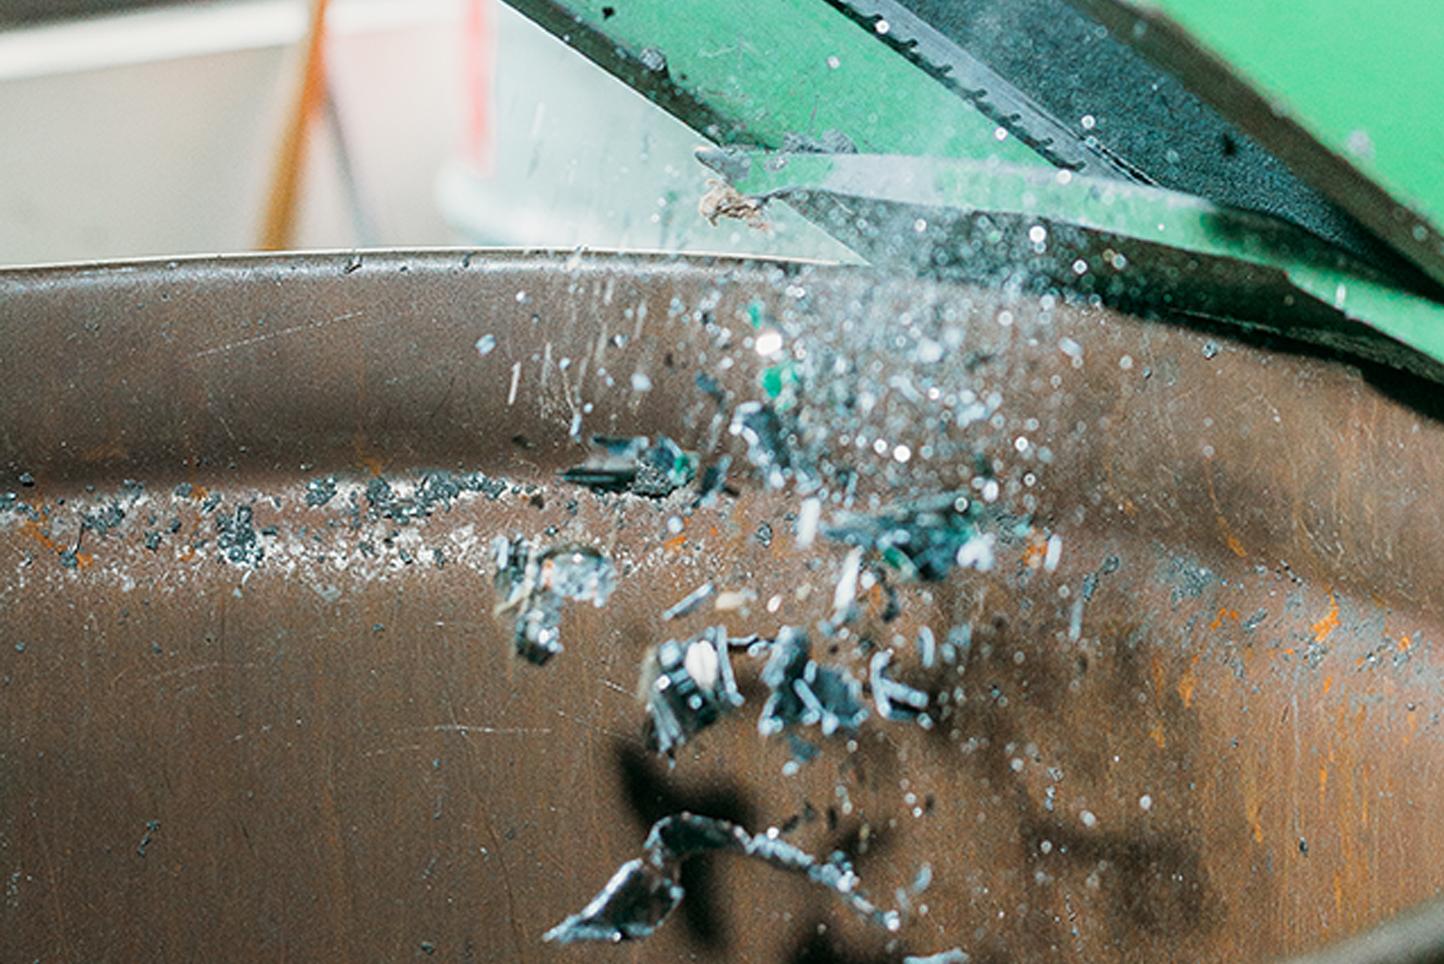 Hard Drive Destruction in Massachusetts - Bottom 1